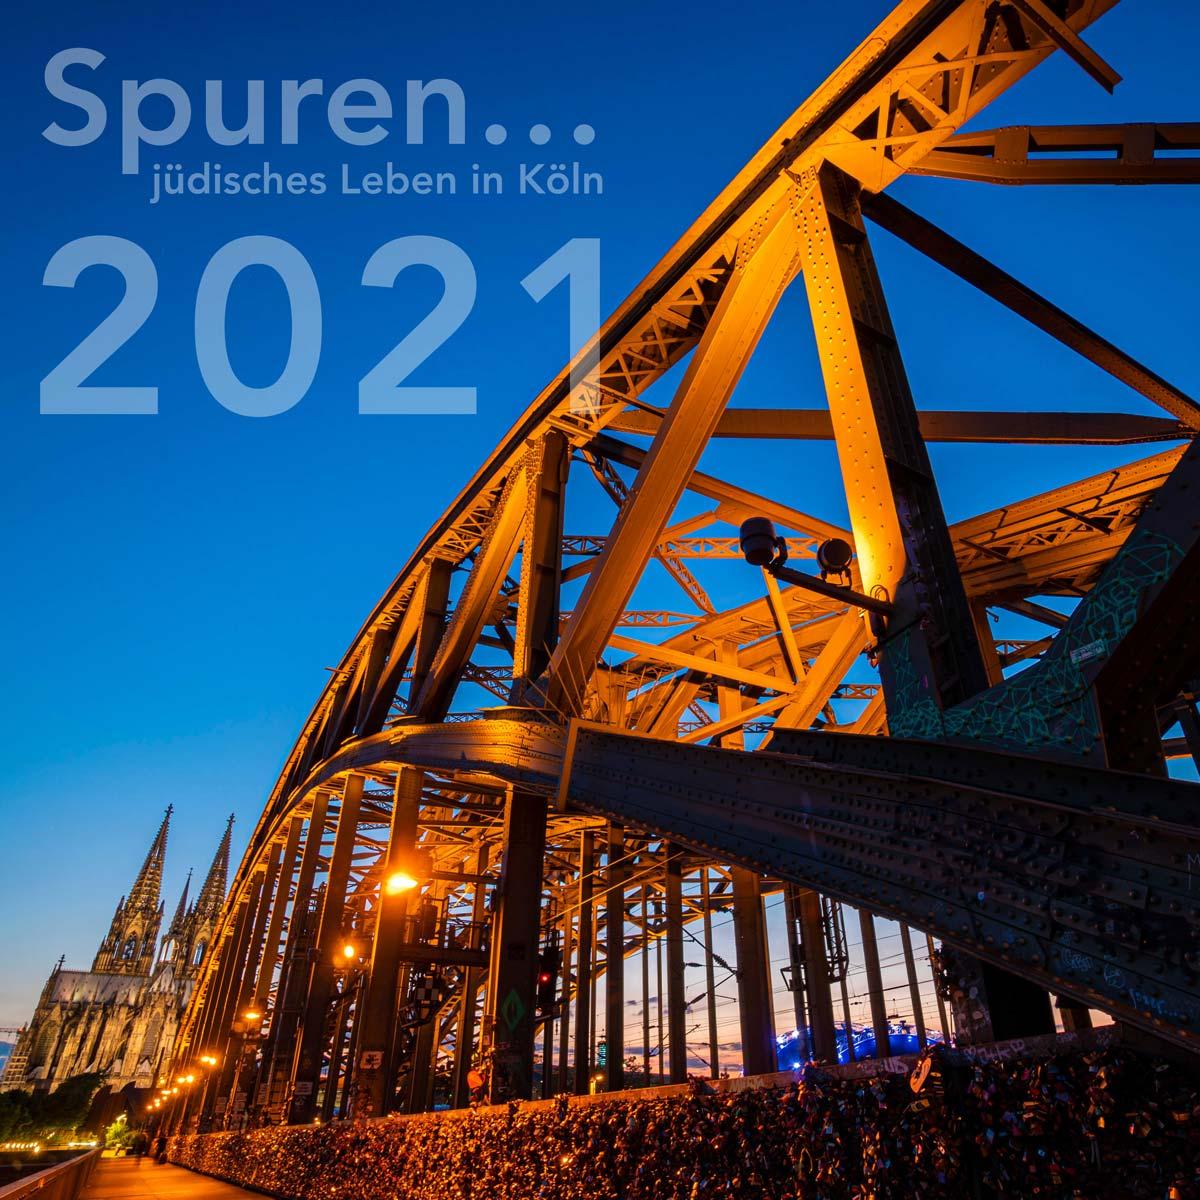 Forum Für Fotografie Köln